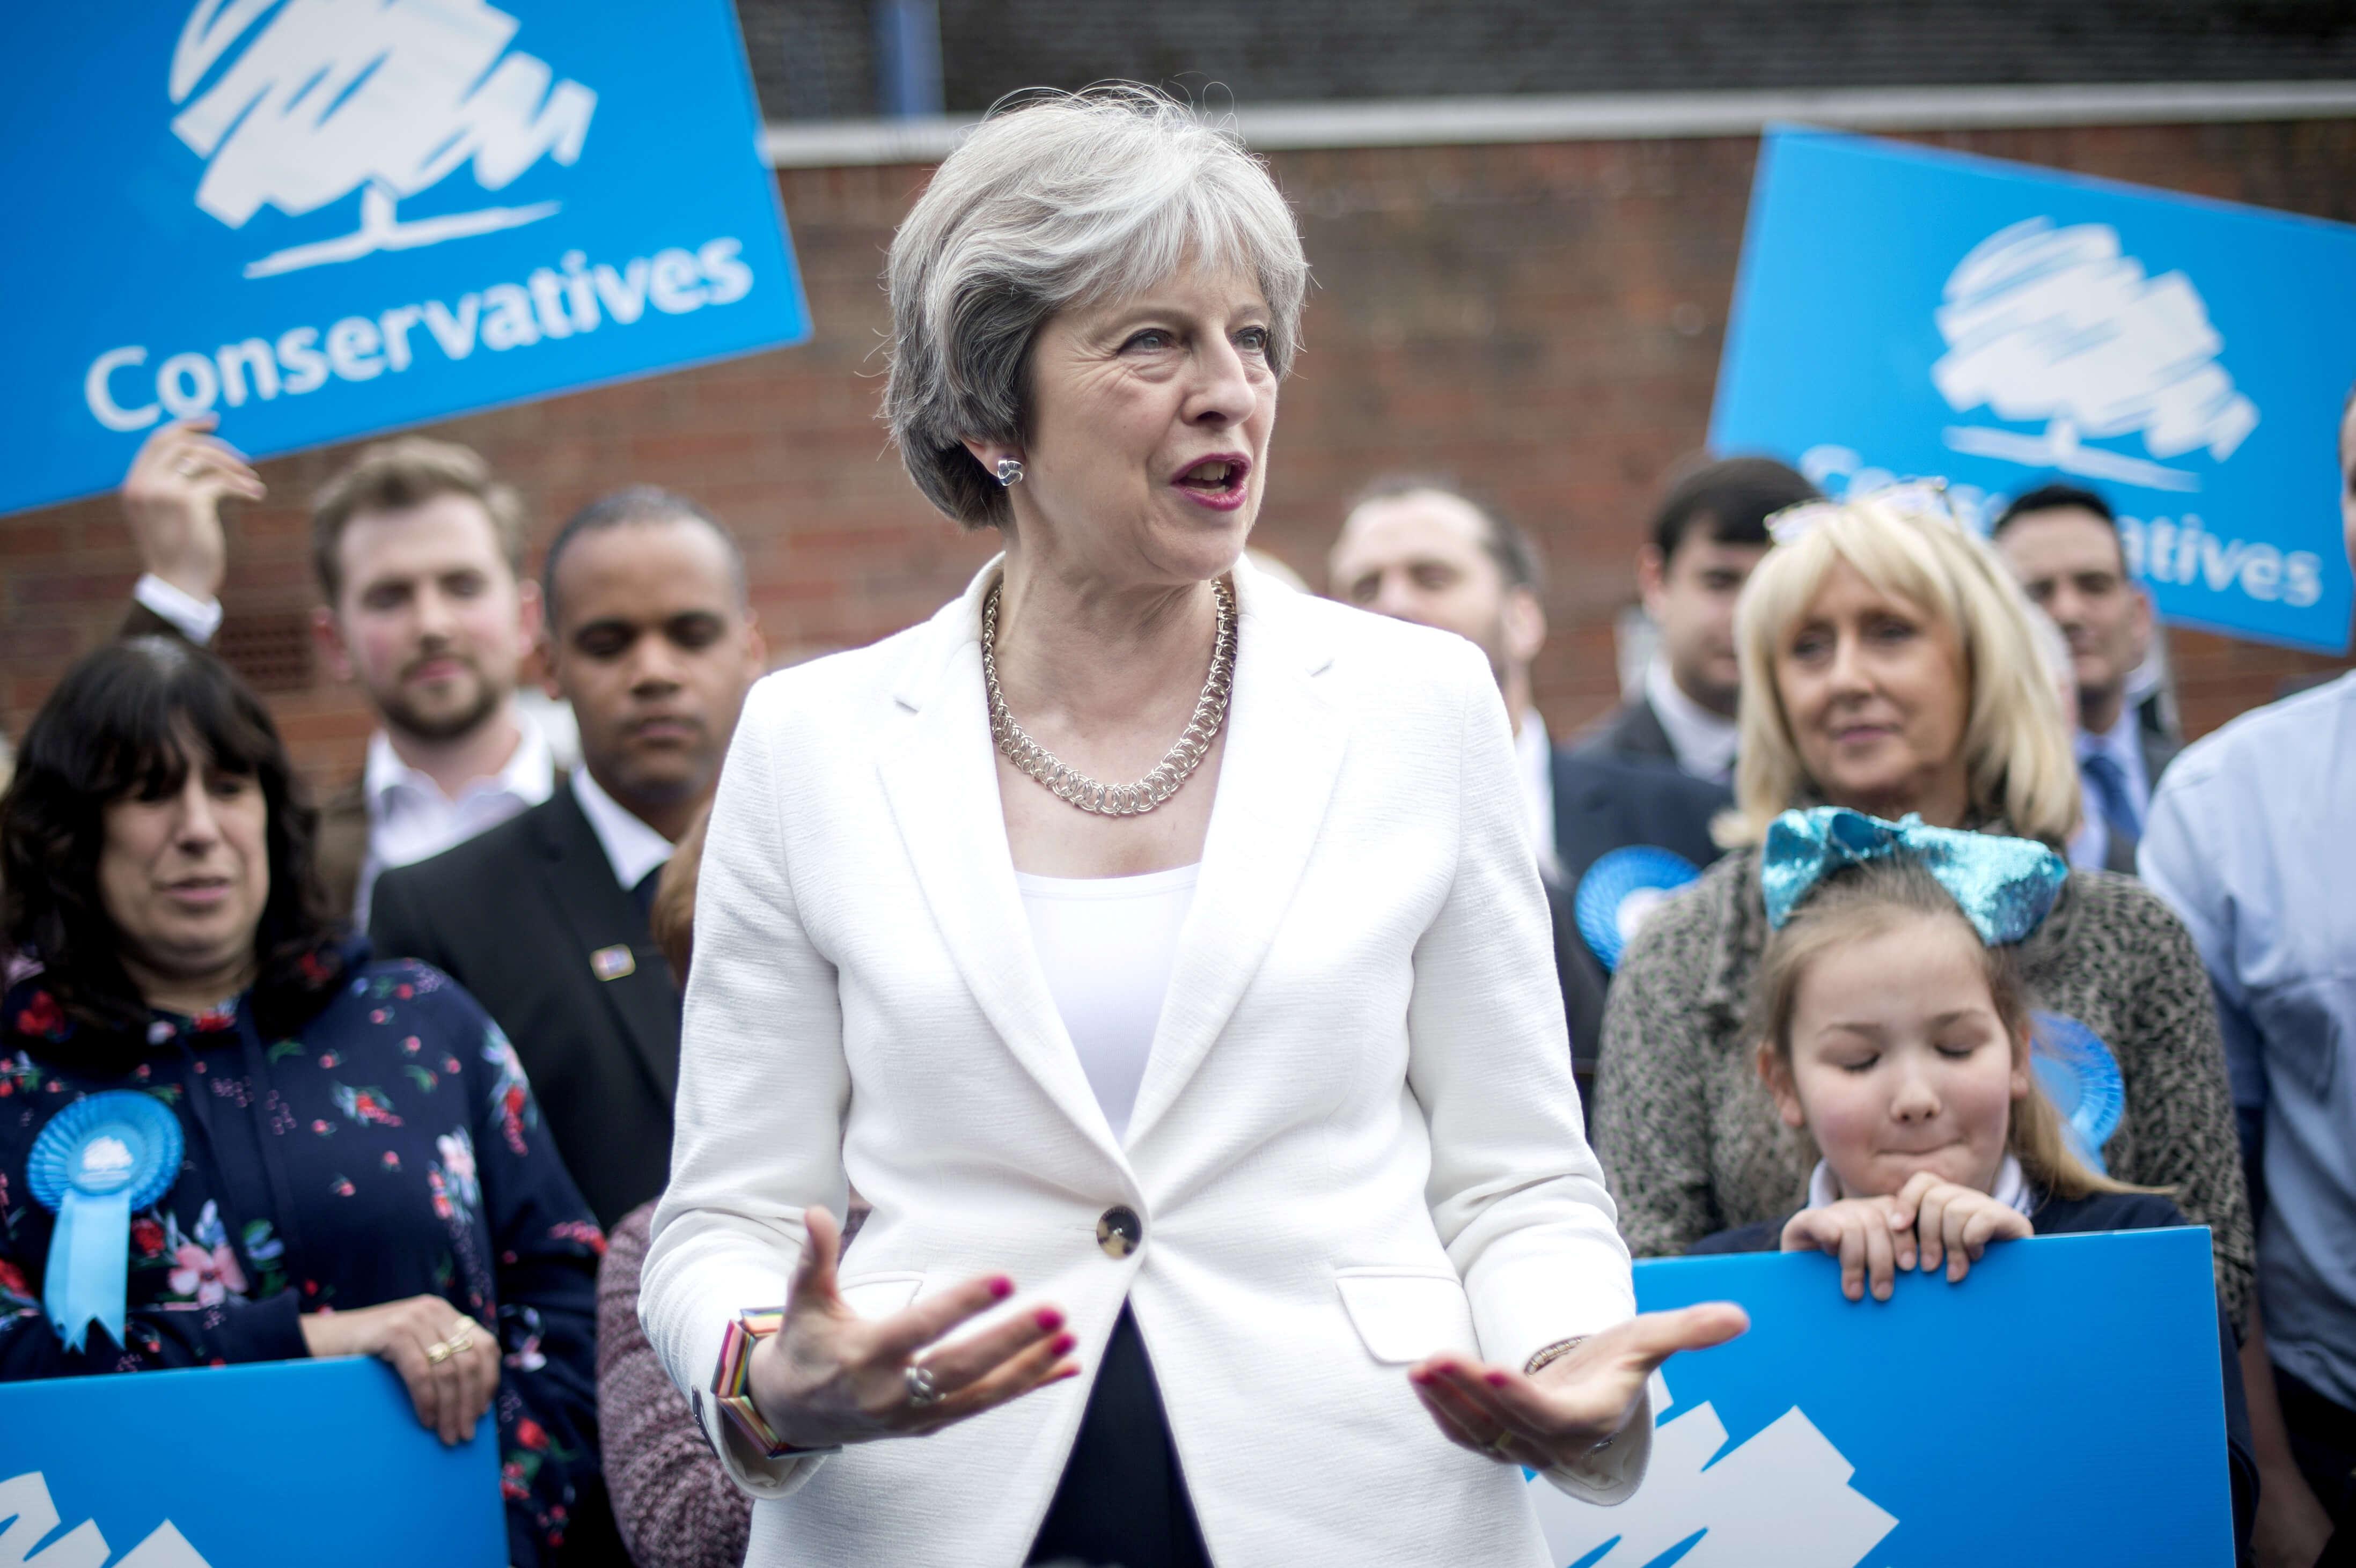 Παραιτήθηκε και τυπικά η Μέι από τη ηγεσία των Συντηρητικών – Ξεκινούν οι διεργασίες διαδοχής